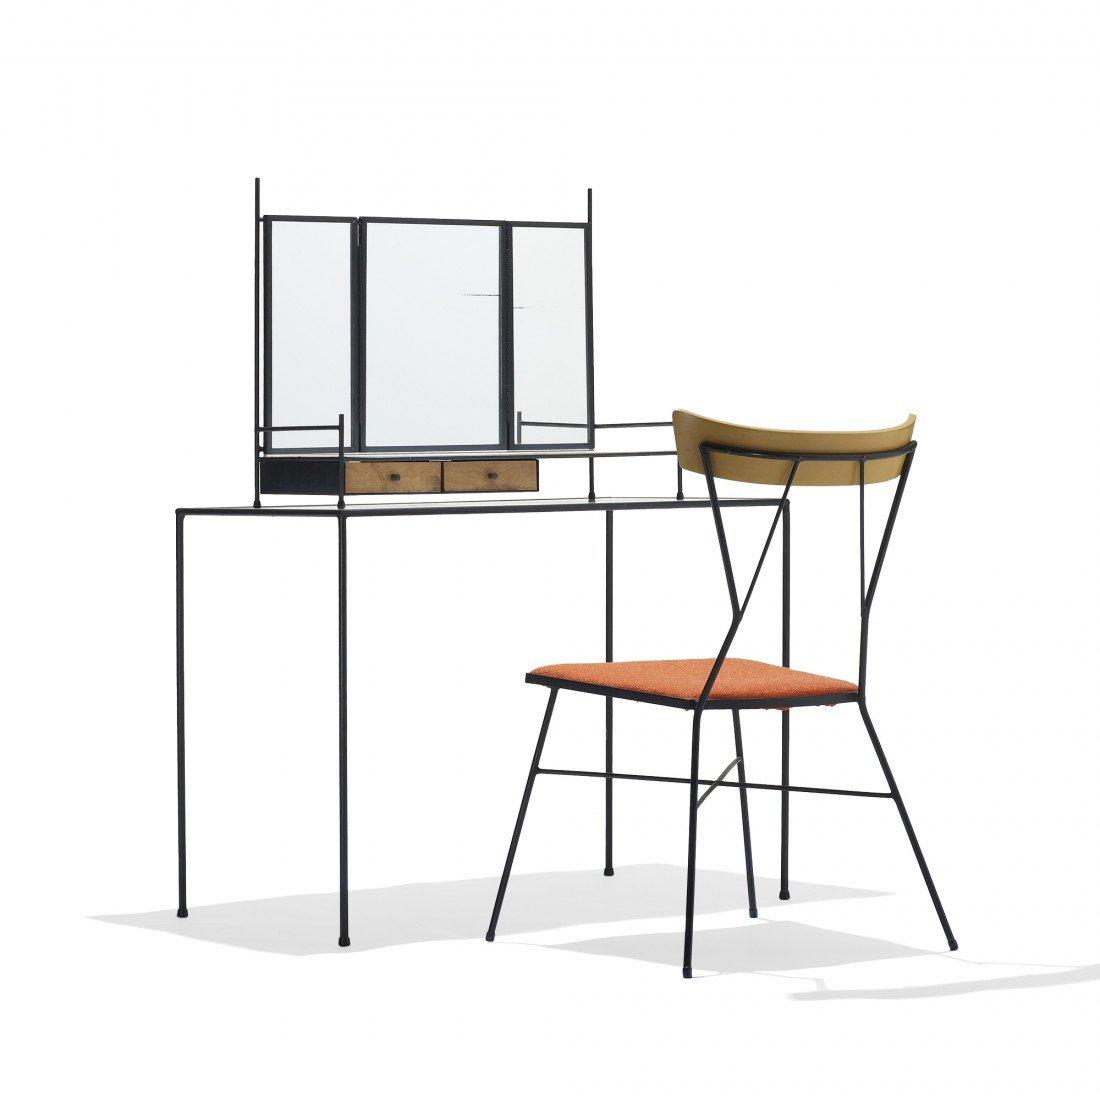 177: Paul McCobb vanity and chair